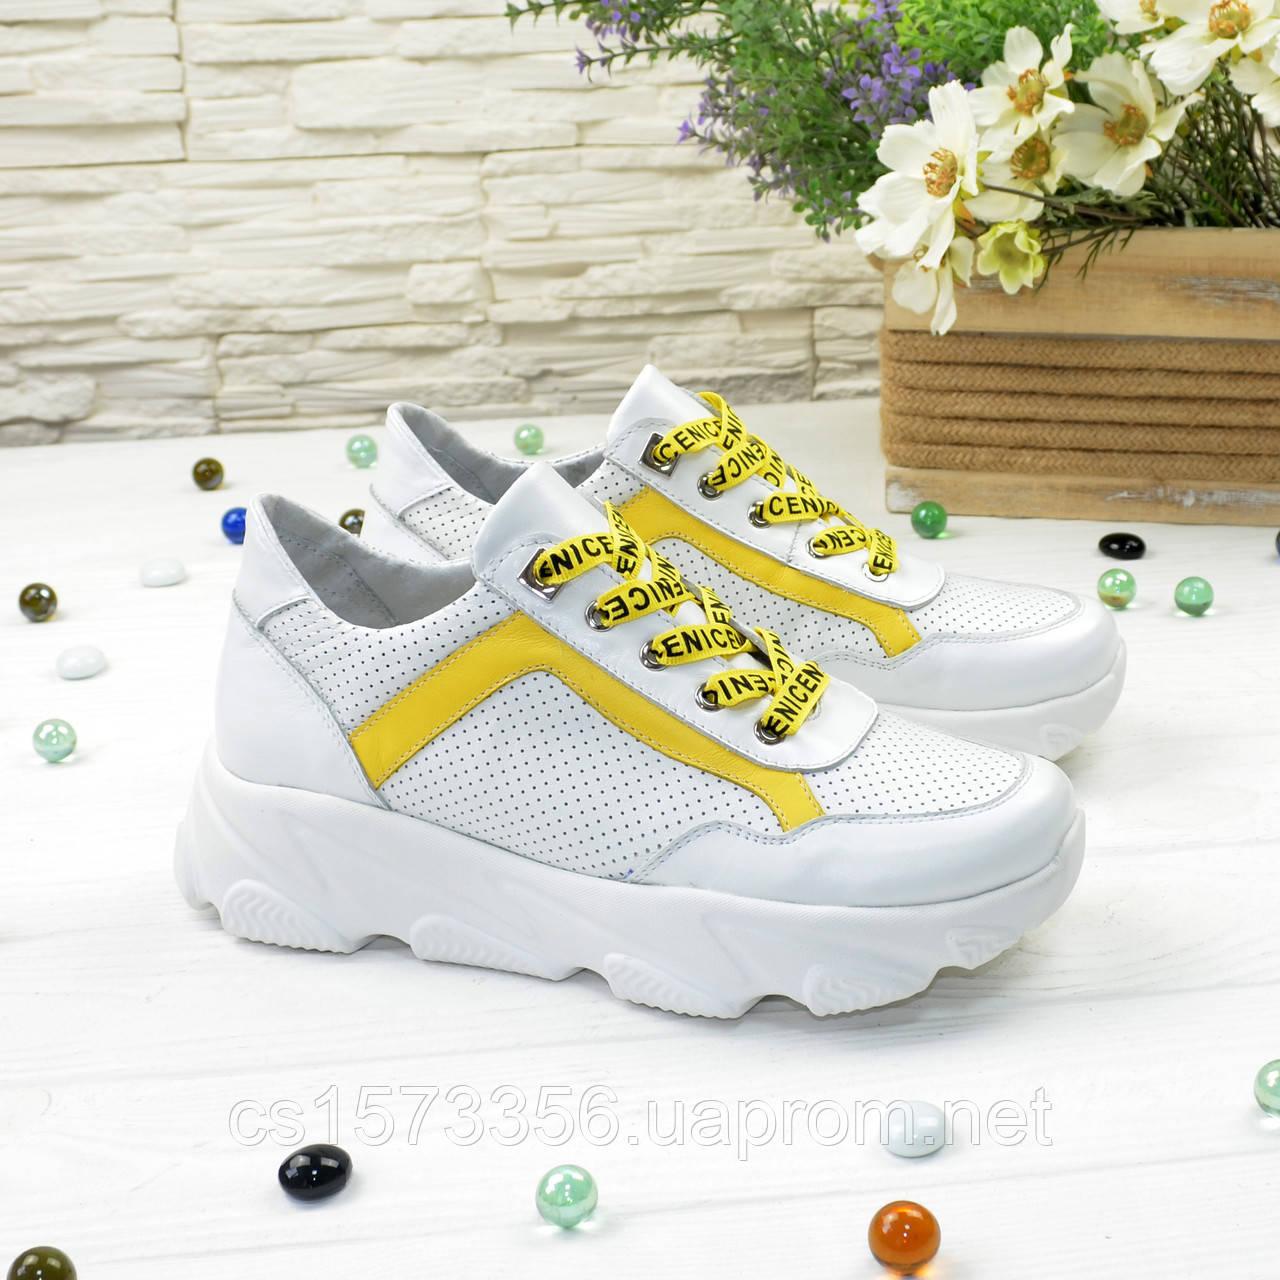 Кроссовки женские кожаные на шнуровке, цвет белый/желтый